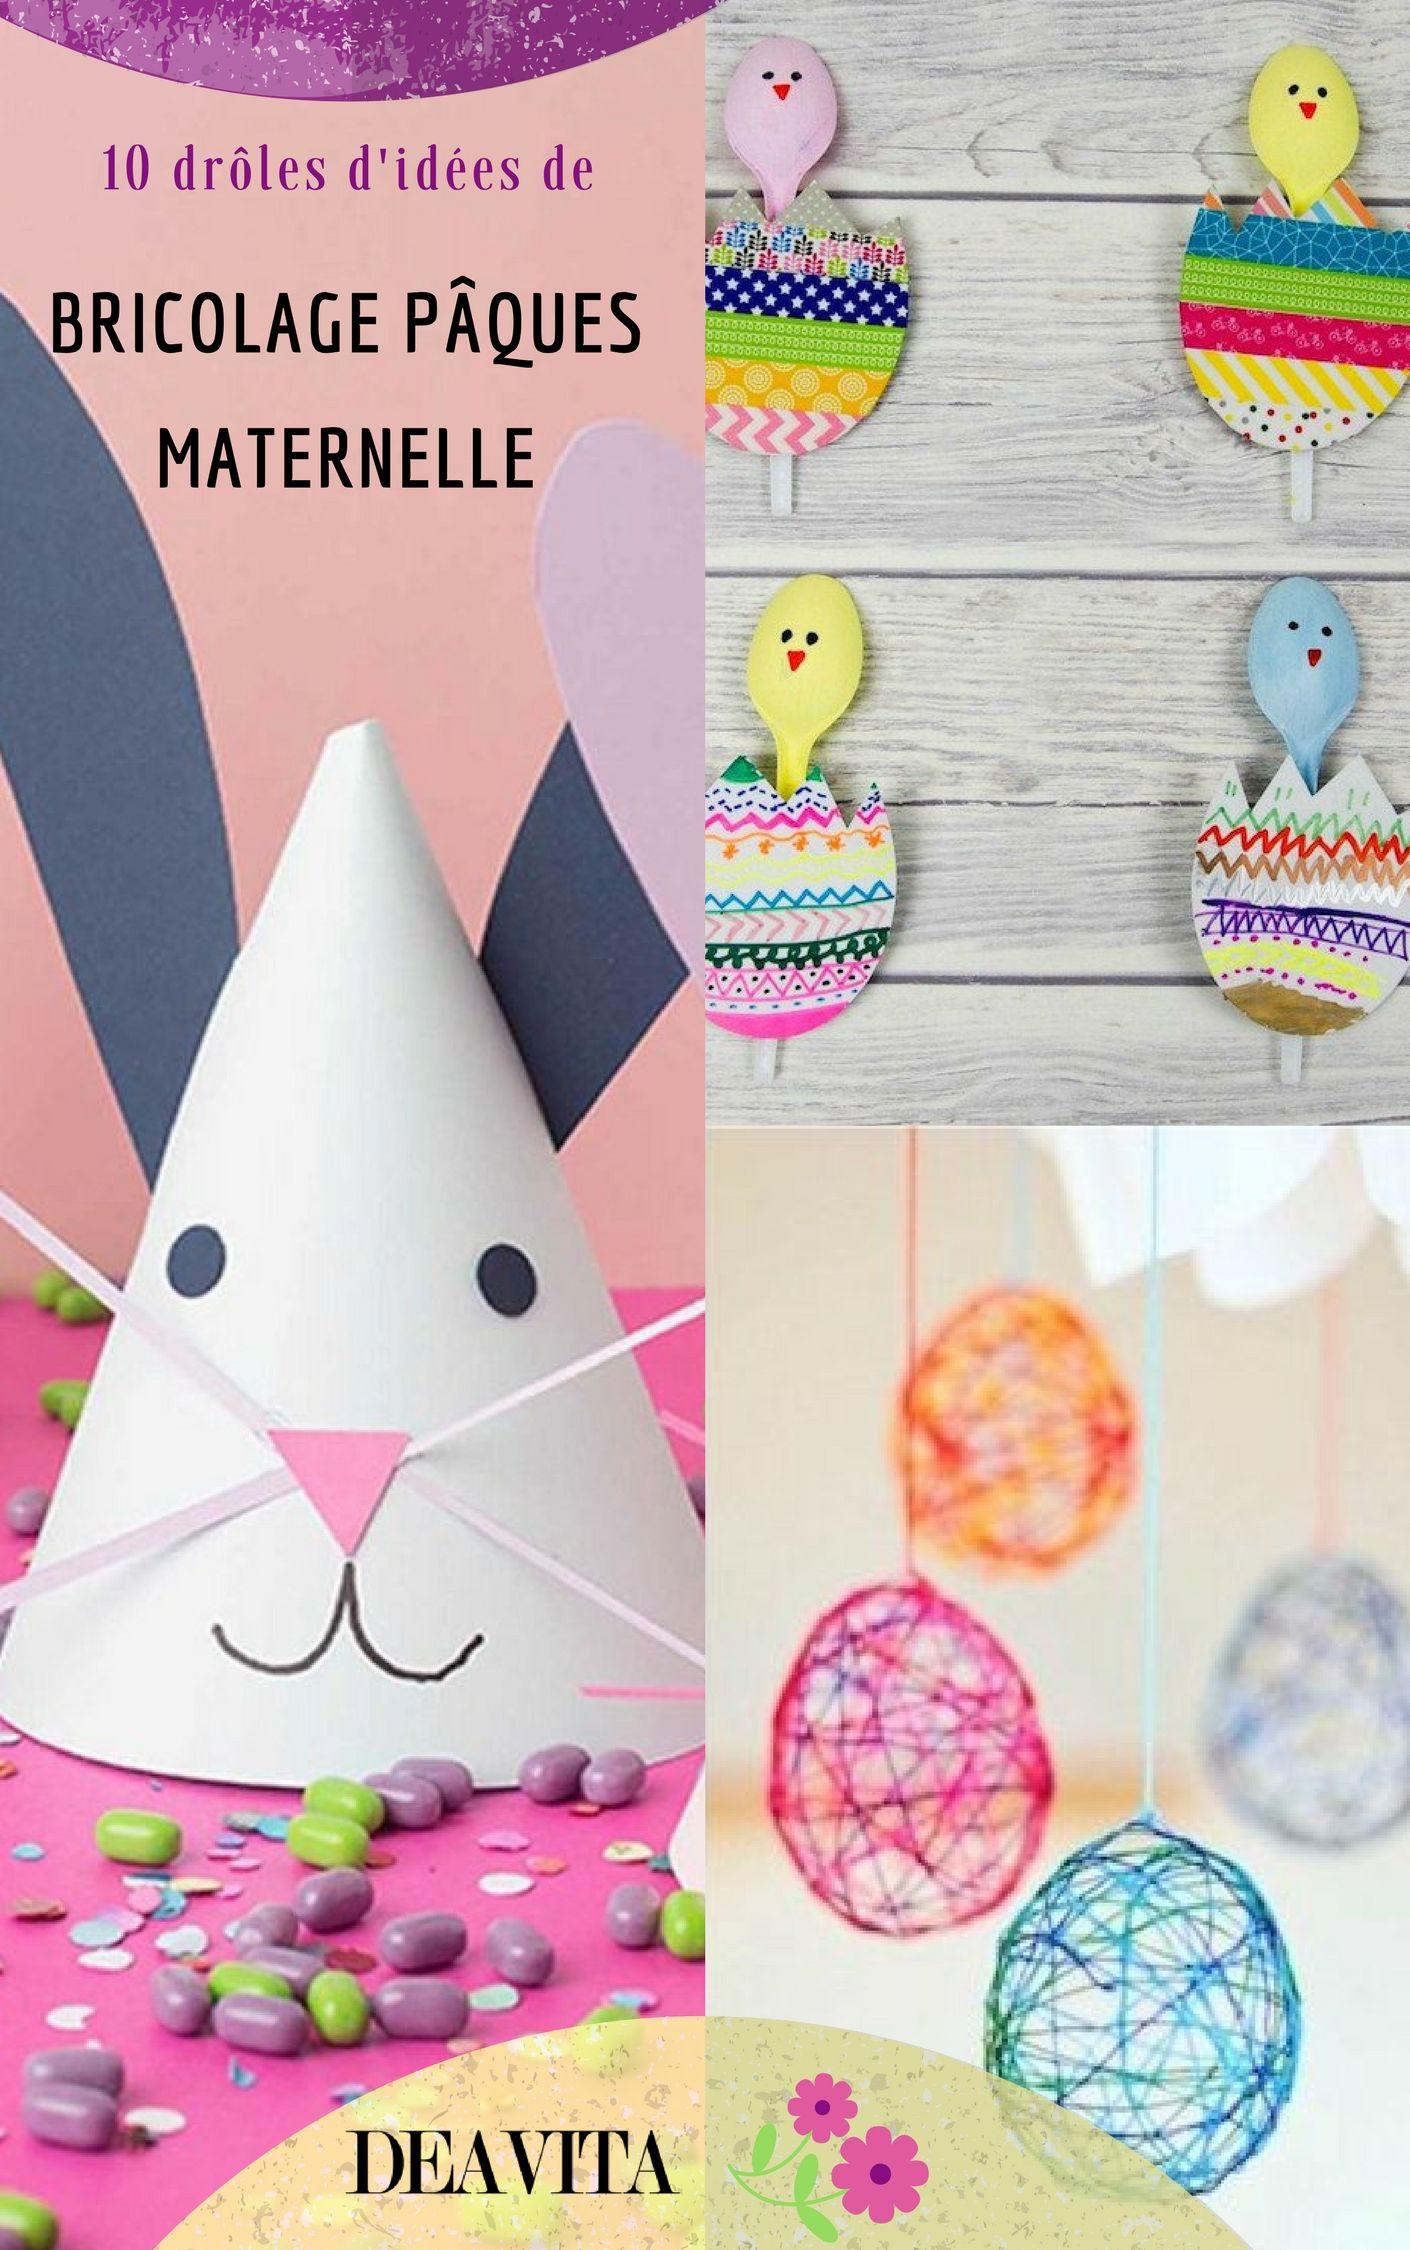 Bricolage Pâques Maternelle - 10 Idées Amusantes | Bricolage dedans Bricolage Pour Paques Maternelle